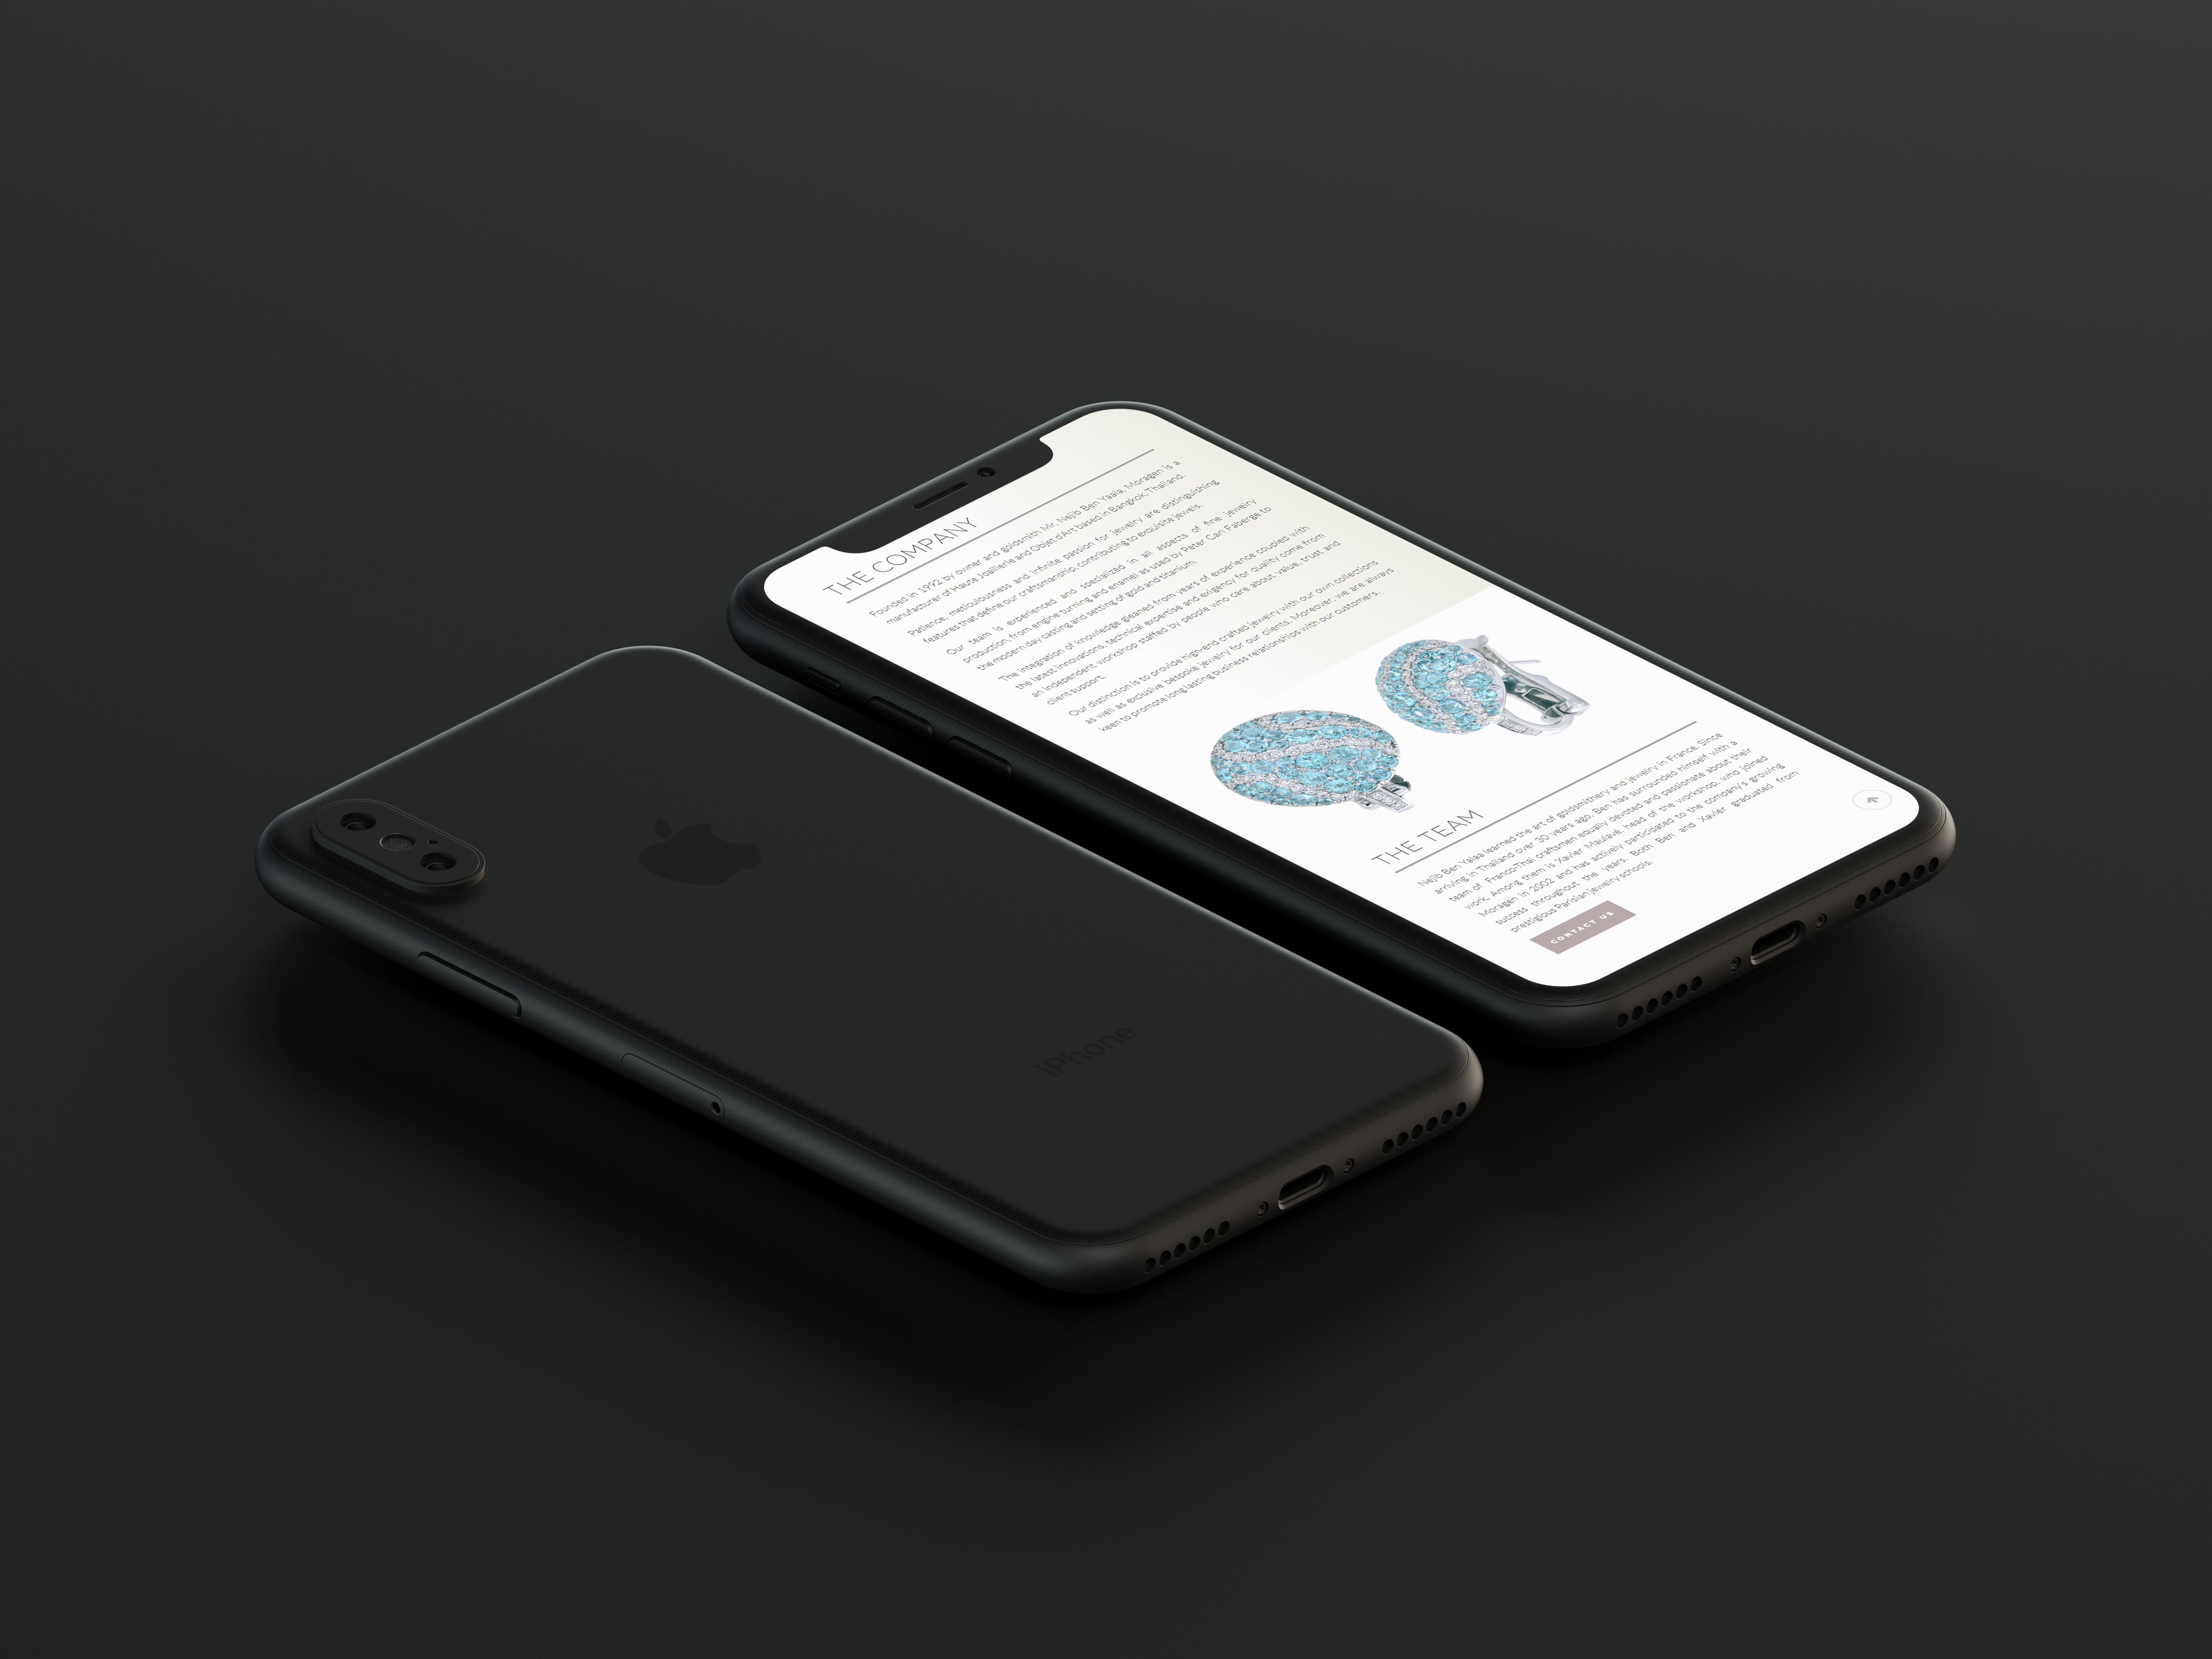 Moragen iPhone Mockup